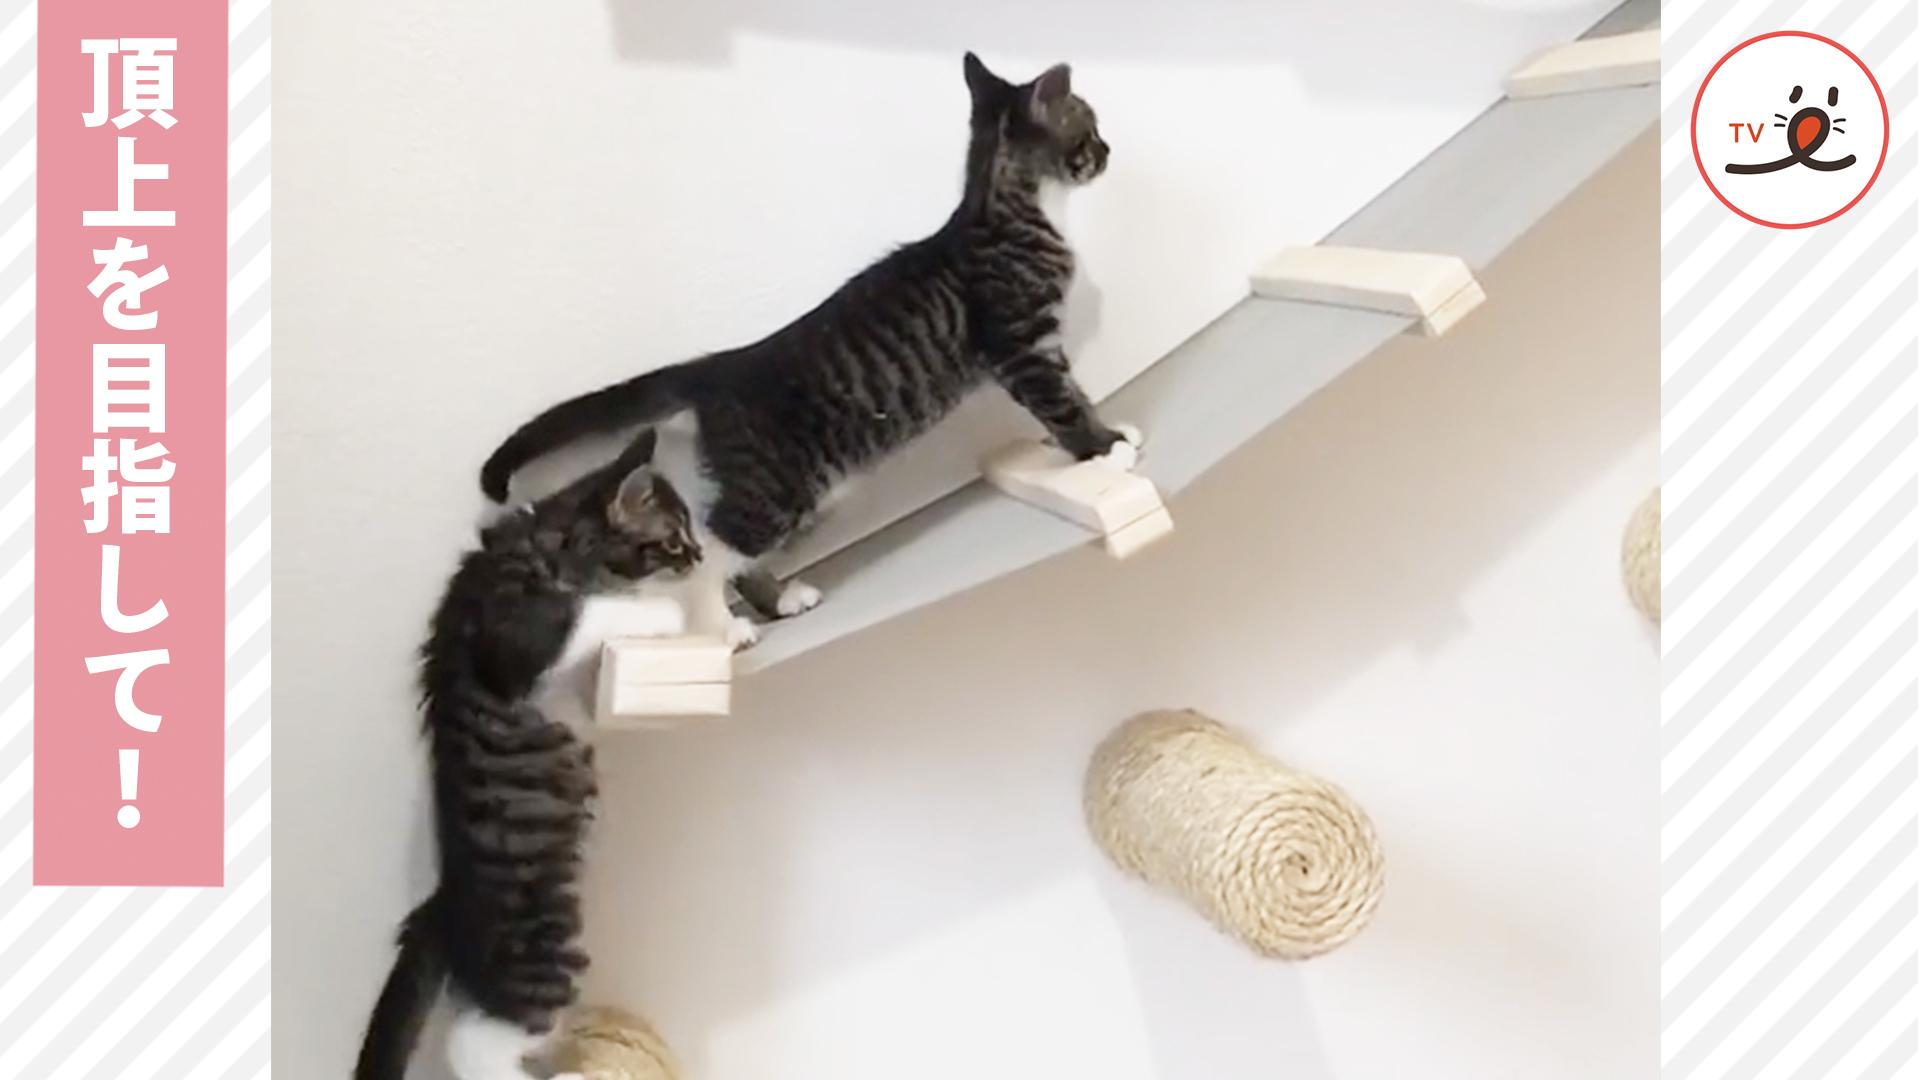 頂上を目指す猫さんの姿が可愛かった✨😍